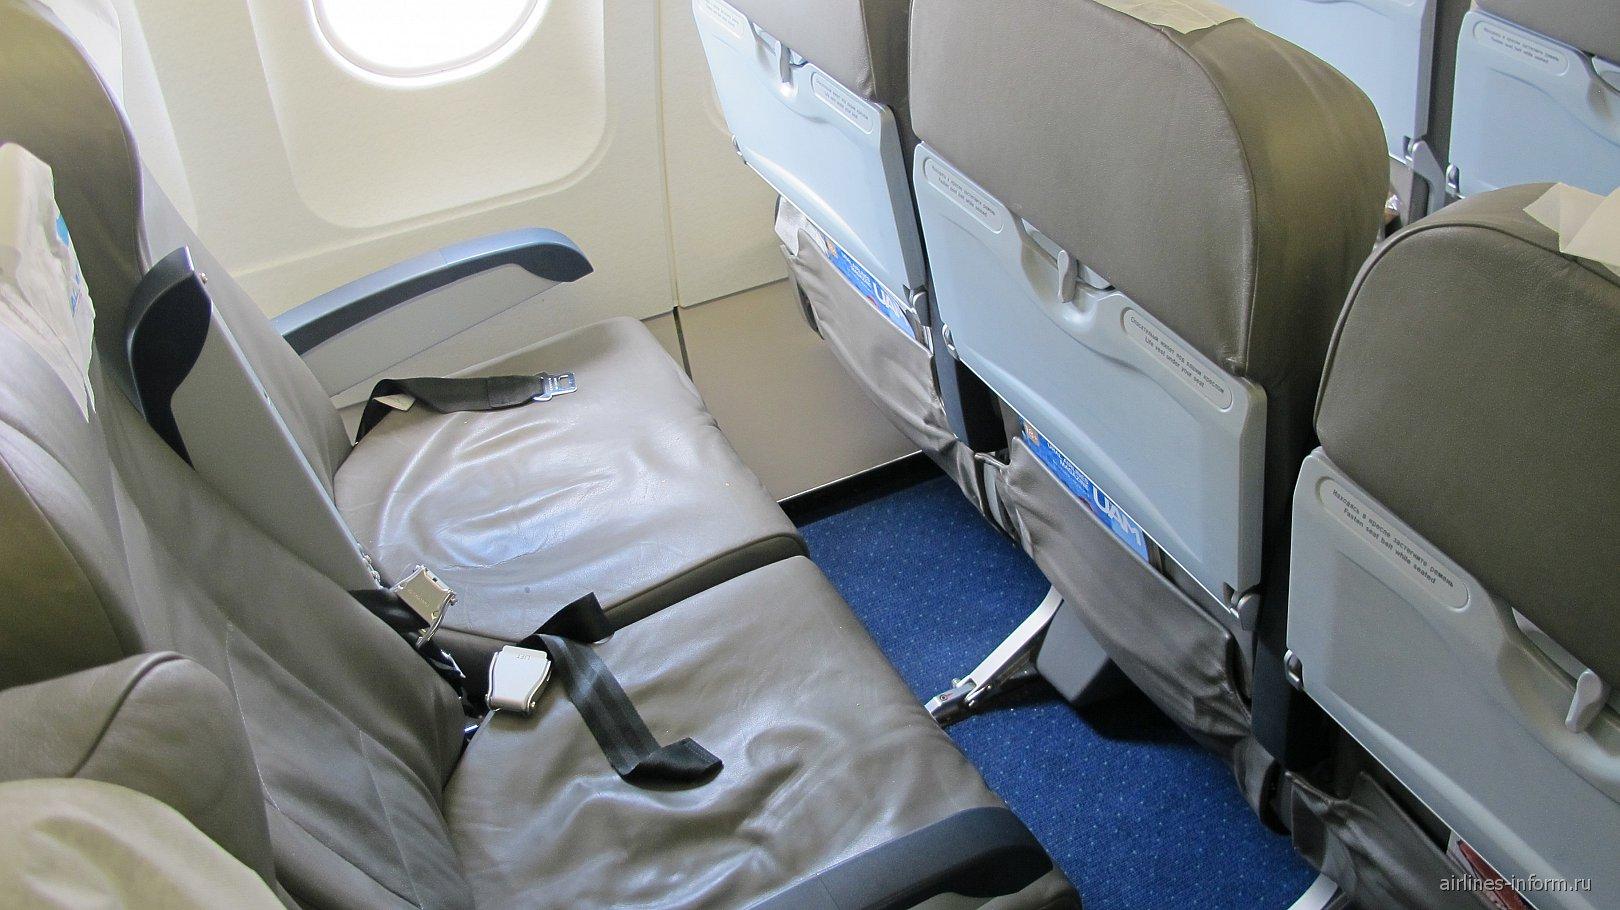 Кресла экономического класса в самолете Airbus A320 Уральских авиалиний